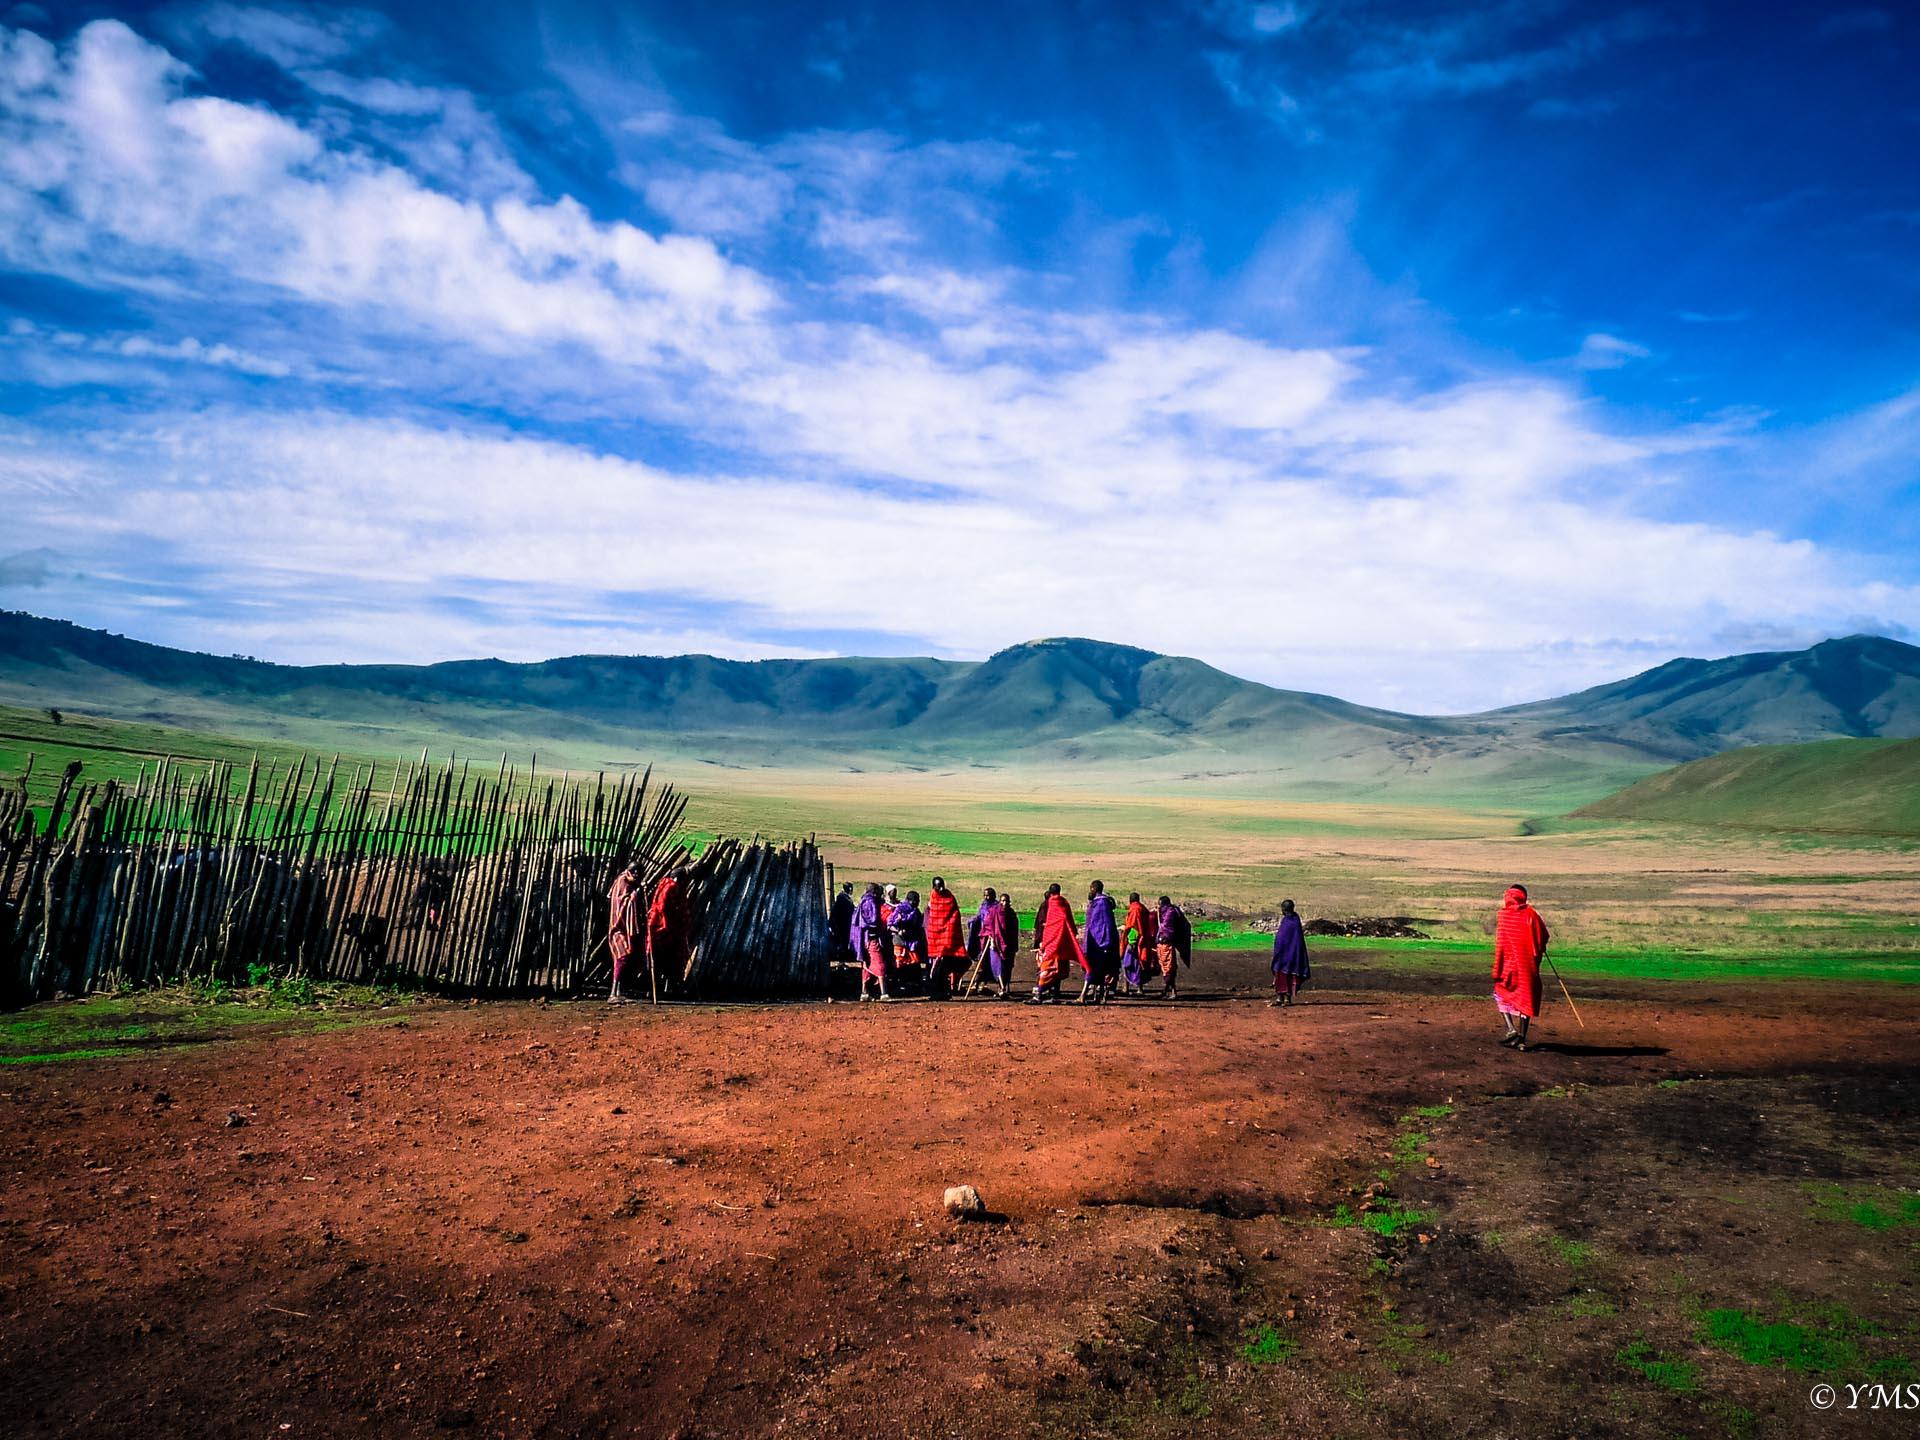 Tanzanie - Masai